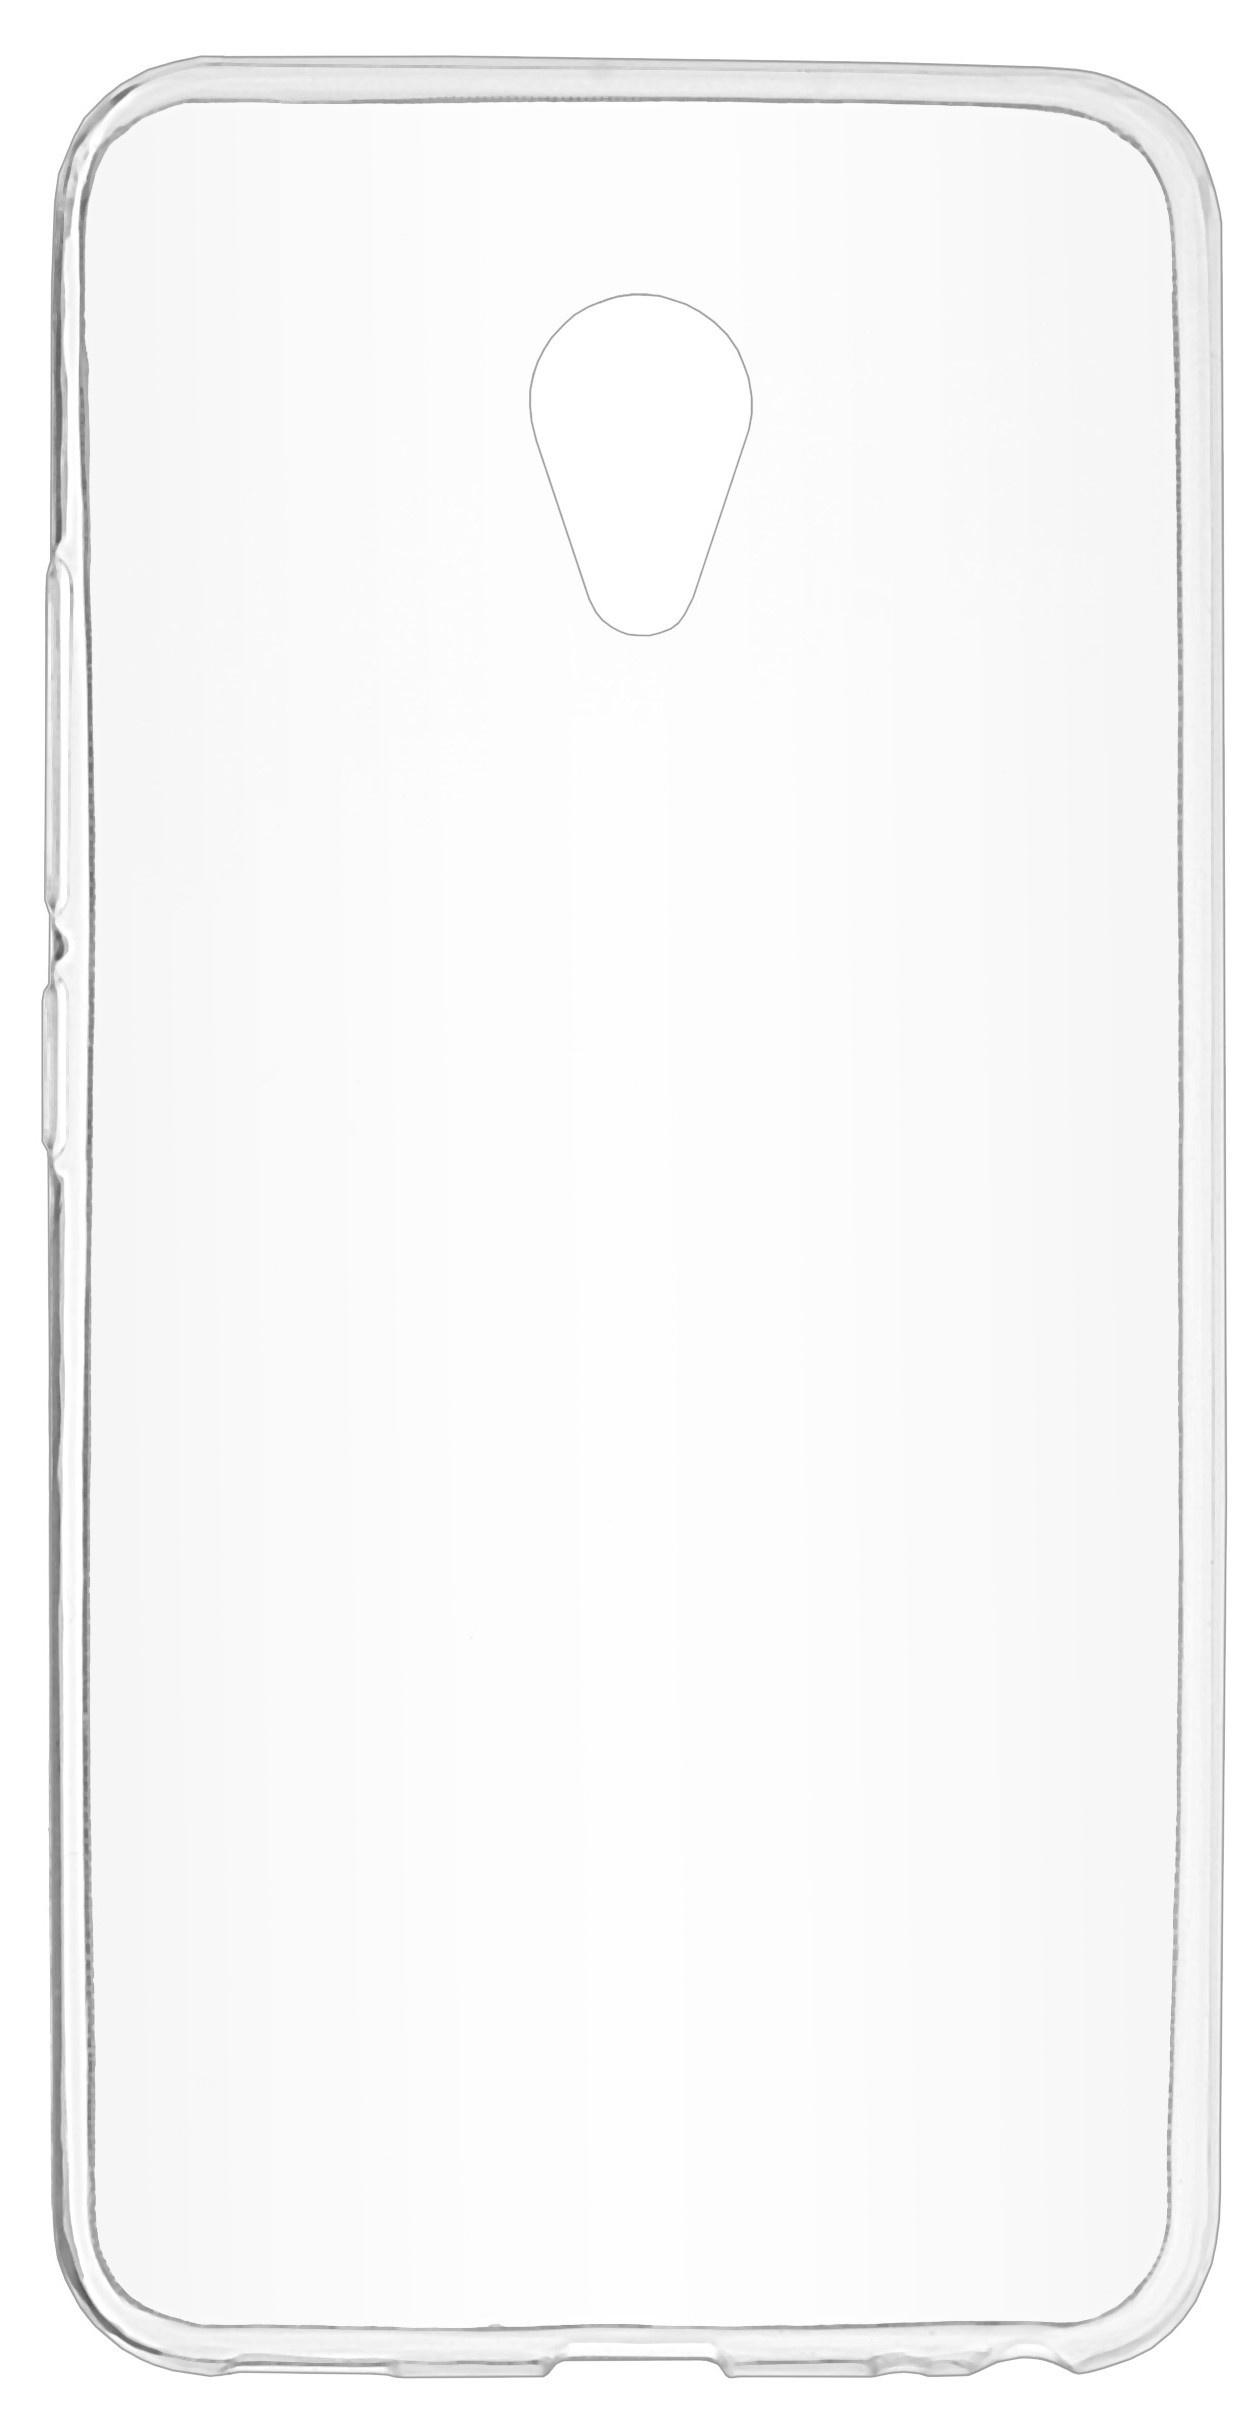 Чехол для сотового телефона skinBOX Slim Silicone, 4630042529465, прозрачный